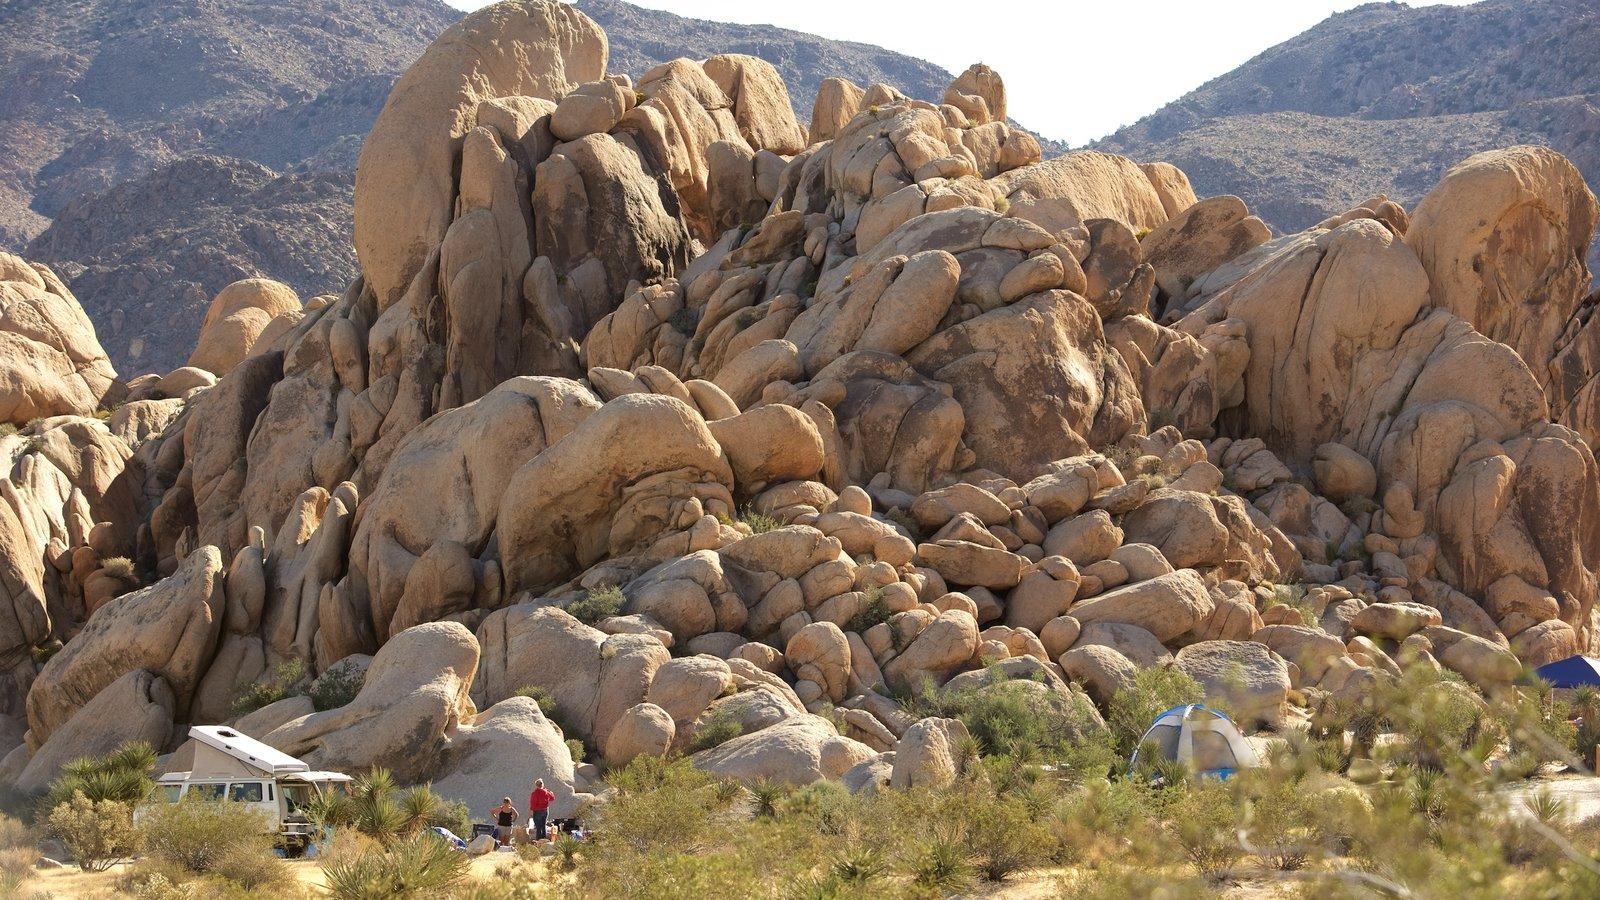 Parque Nacional de Joshua Tree que inclui acampamento e paisagens do deserto